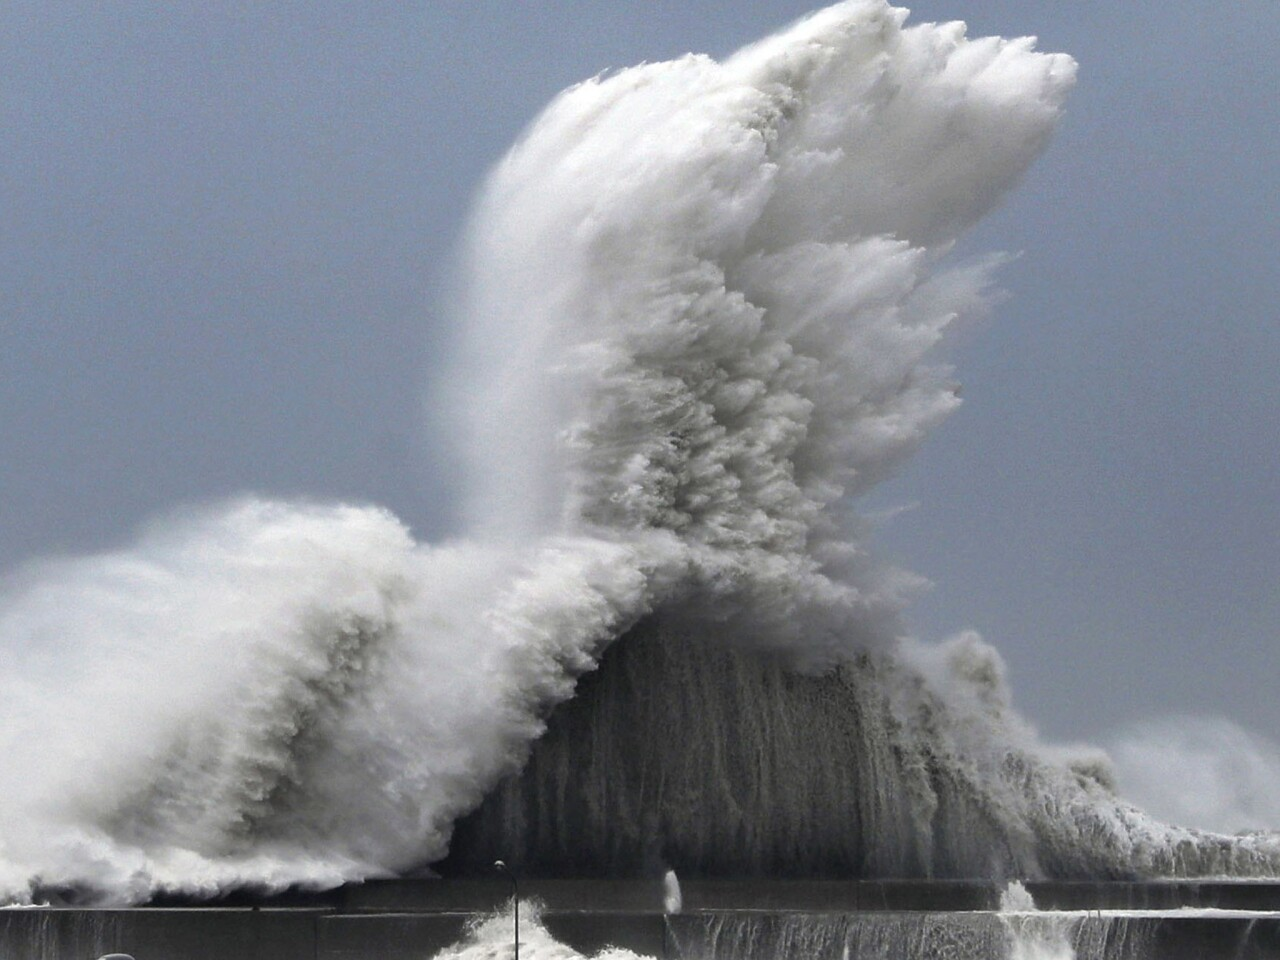 Fuertes olas estrellaron ccontra los muelles y dañaron la infraestrucctura mercante...